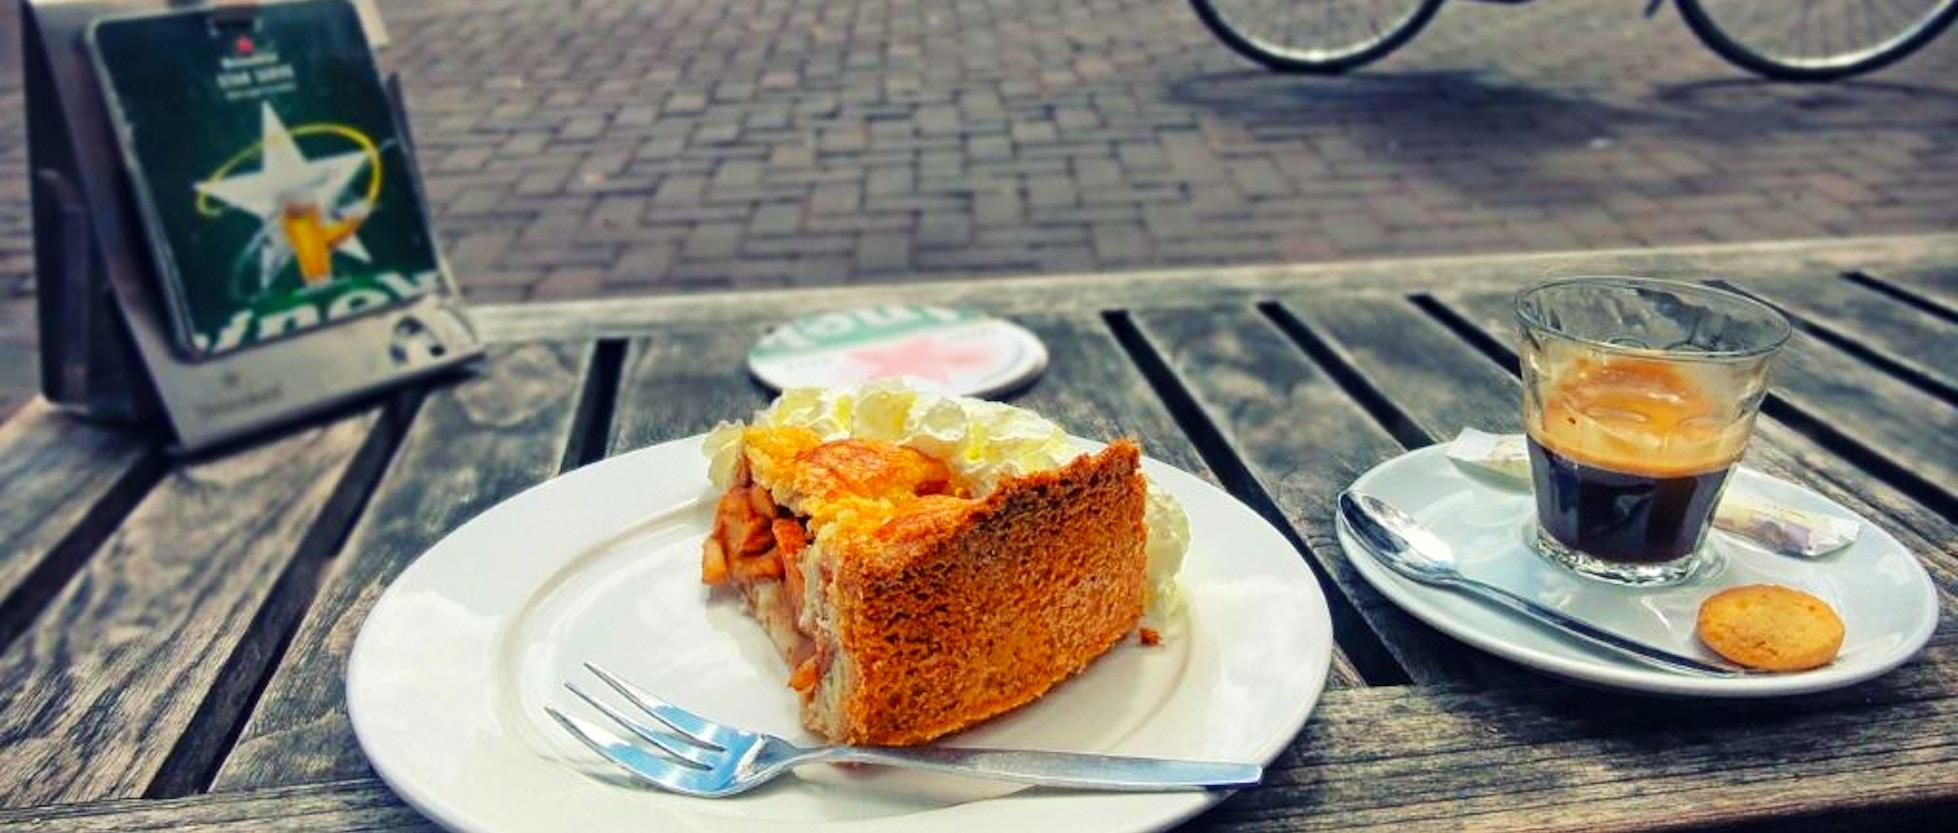 Cosa mangiare ad amsterdam idee low cost vivi amsterdam for Amsterdam mangiare